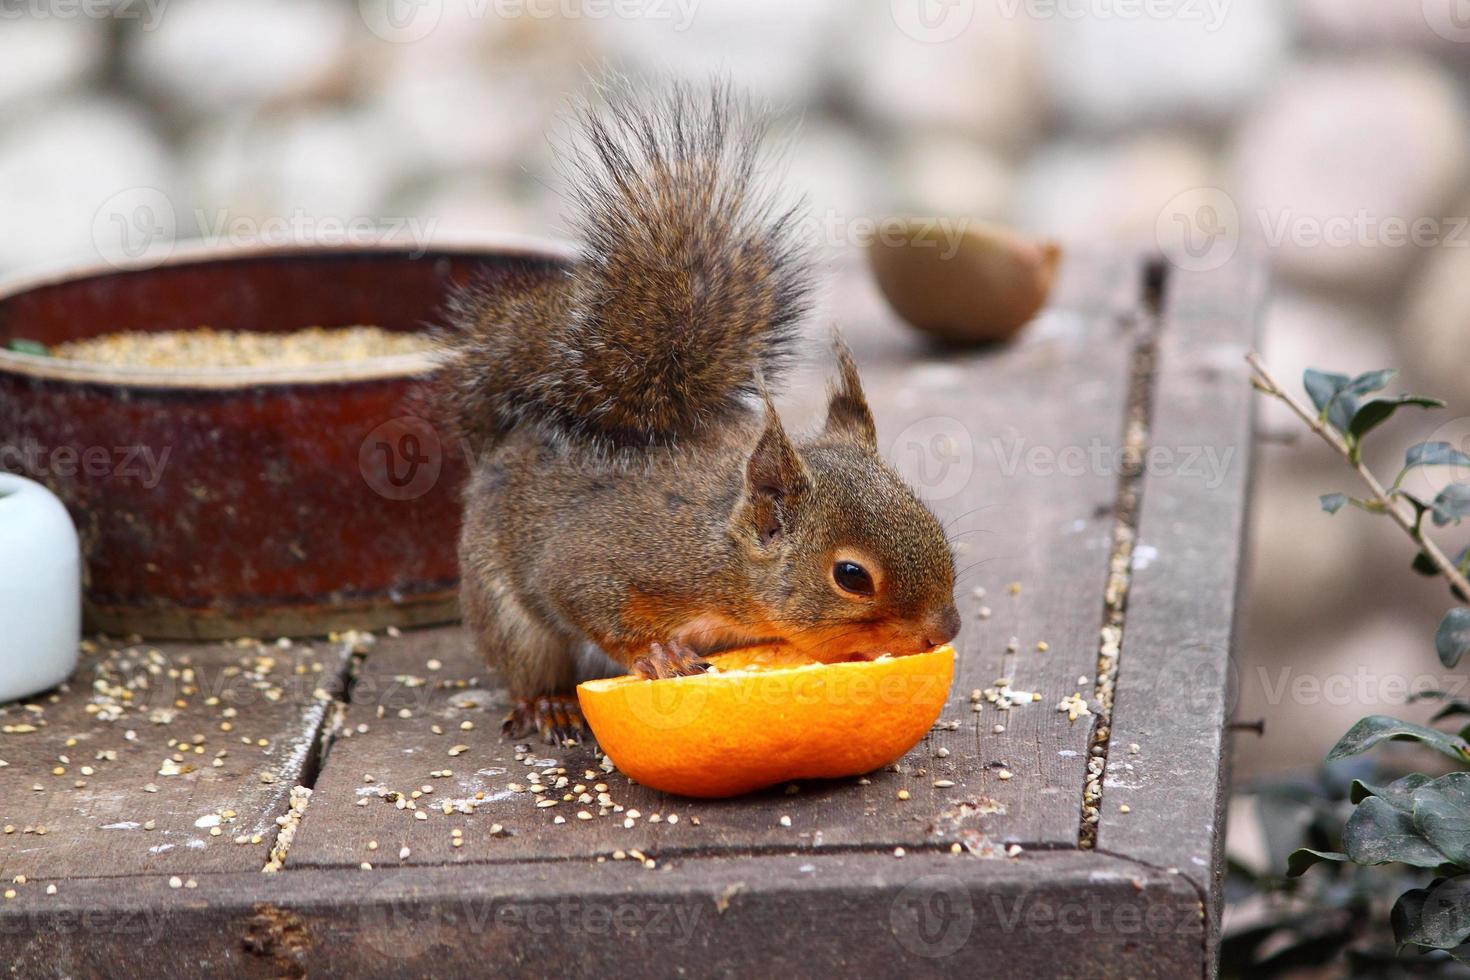 Das Eichhörnchen hat eine Mandarine foto